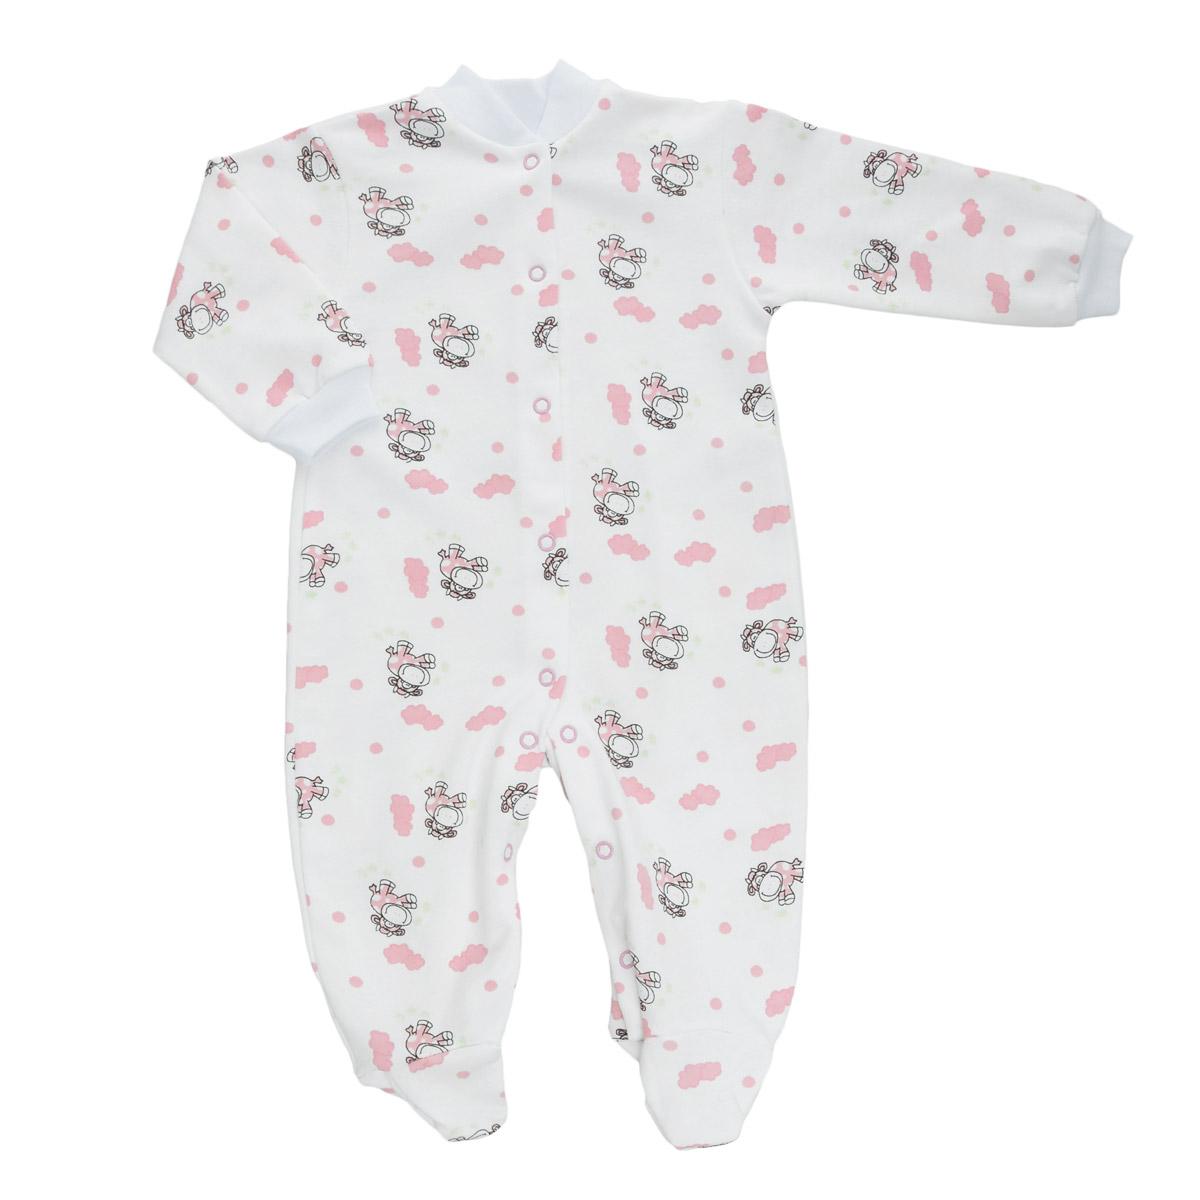 Комбинезон детский Трон-Плюс, цвет: белый, розовый, рисунок коровы. 5821. Размер 74, 9 месяцев5821Детский комбинезон Трон-Плюс - очень удобный и практичный вид одежды для малышей. Теплый комбинезон выполнен из футерованного полотна - натурального хлопка, благодаря чему он необычайно мягкий и приятный на ощупь, не раздражает нежную кожу ребенка, и хорошо вентилируются, а эластичные швы приятны телу малыша и не препятствуют его движениям. Комбинезон с длинными рукавами и закрытыми ножками имеет застежки-кнопки от горловины до щиколоток, которые помогают легко переодеть младенца или сменить подгузник. Рукава понизу дополнены неширокими трикотажными манжетами, мягко облегающими запястья. Вырез горловины дополнен мягкой трикотажной резинкой. Оформлен комбинезон оригинальным принтом. С детским комбинезоном спинка и ножки вашего малыша всегда будут в тепле, он идеален для использования днем и незаменим ночью. Комбинезон полностью соответствует особенностям жизни младенца в ранний период, не стесняя и не ограничивая его в движениях!